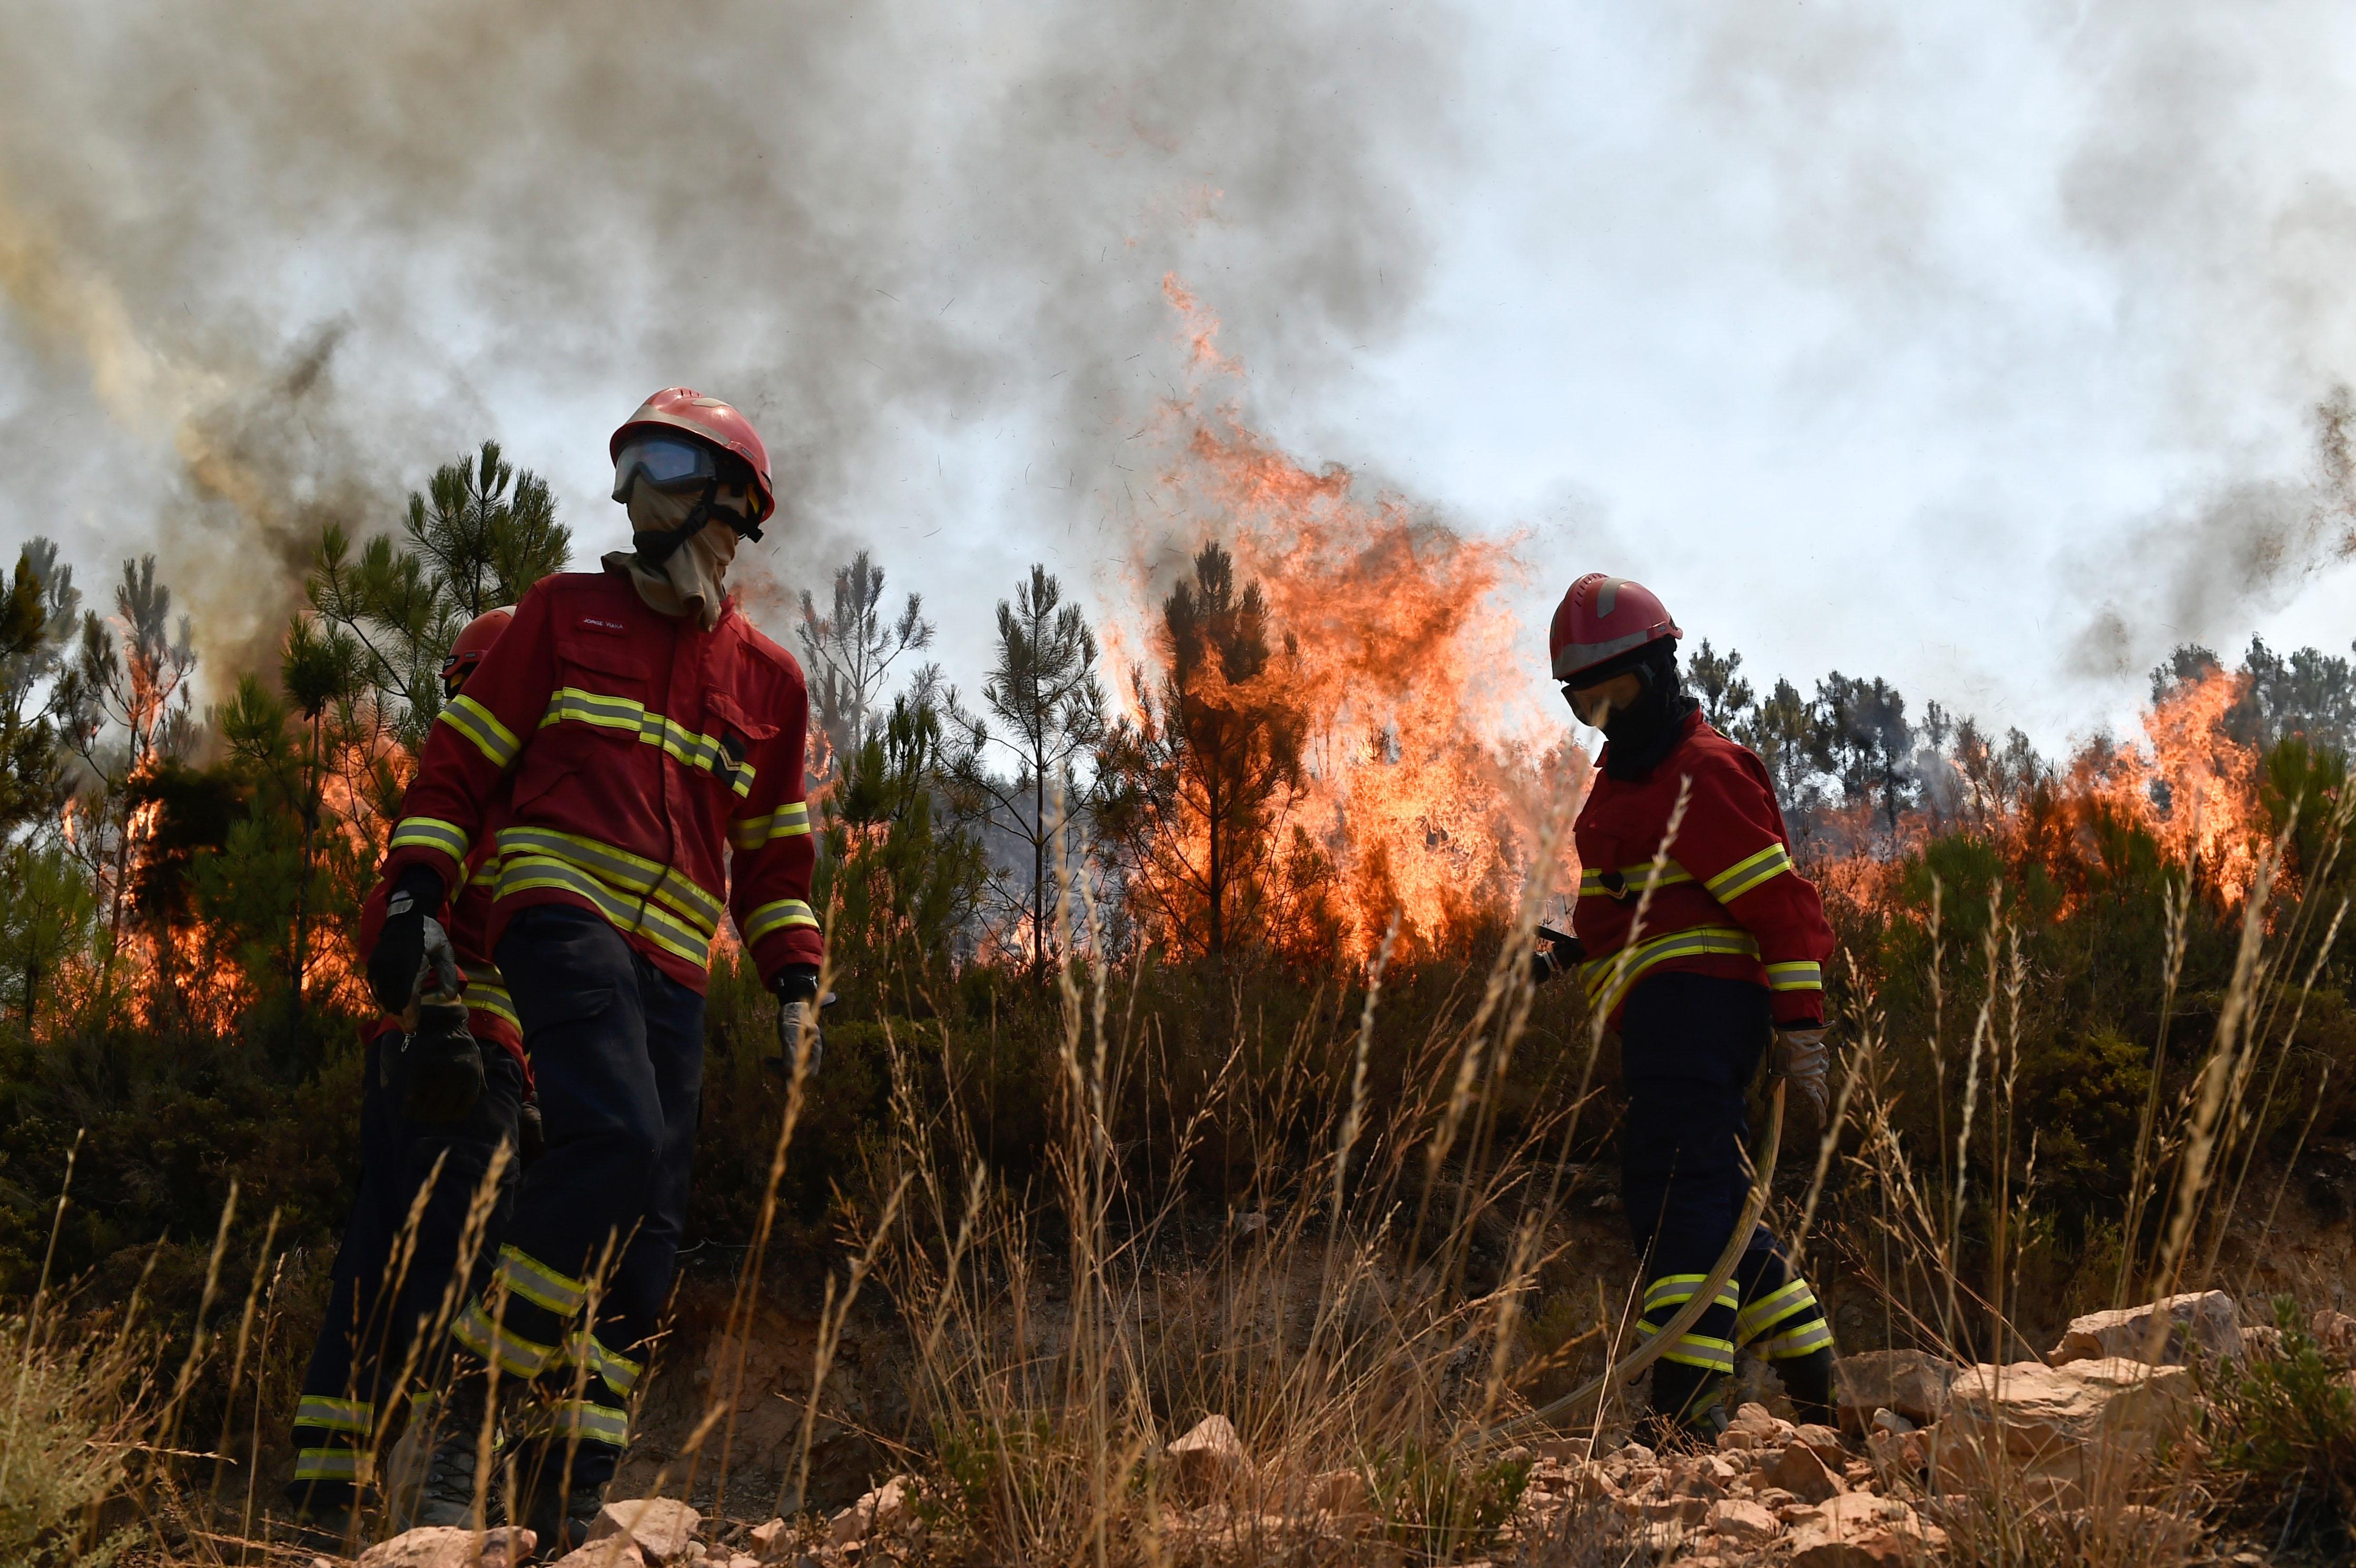 Incêndios. Reacendimentos em Mação colocam povoações em risco